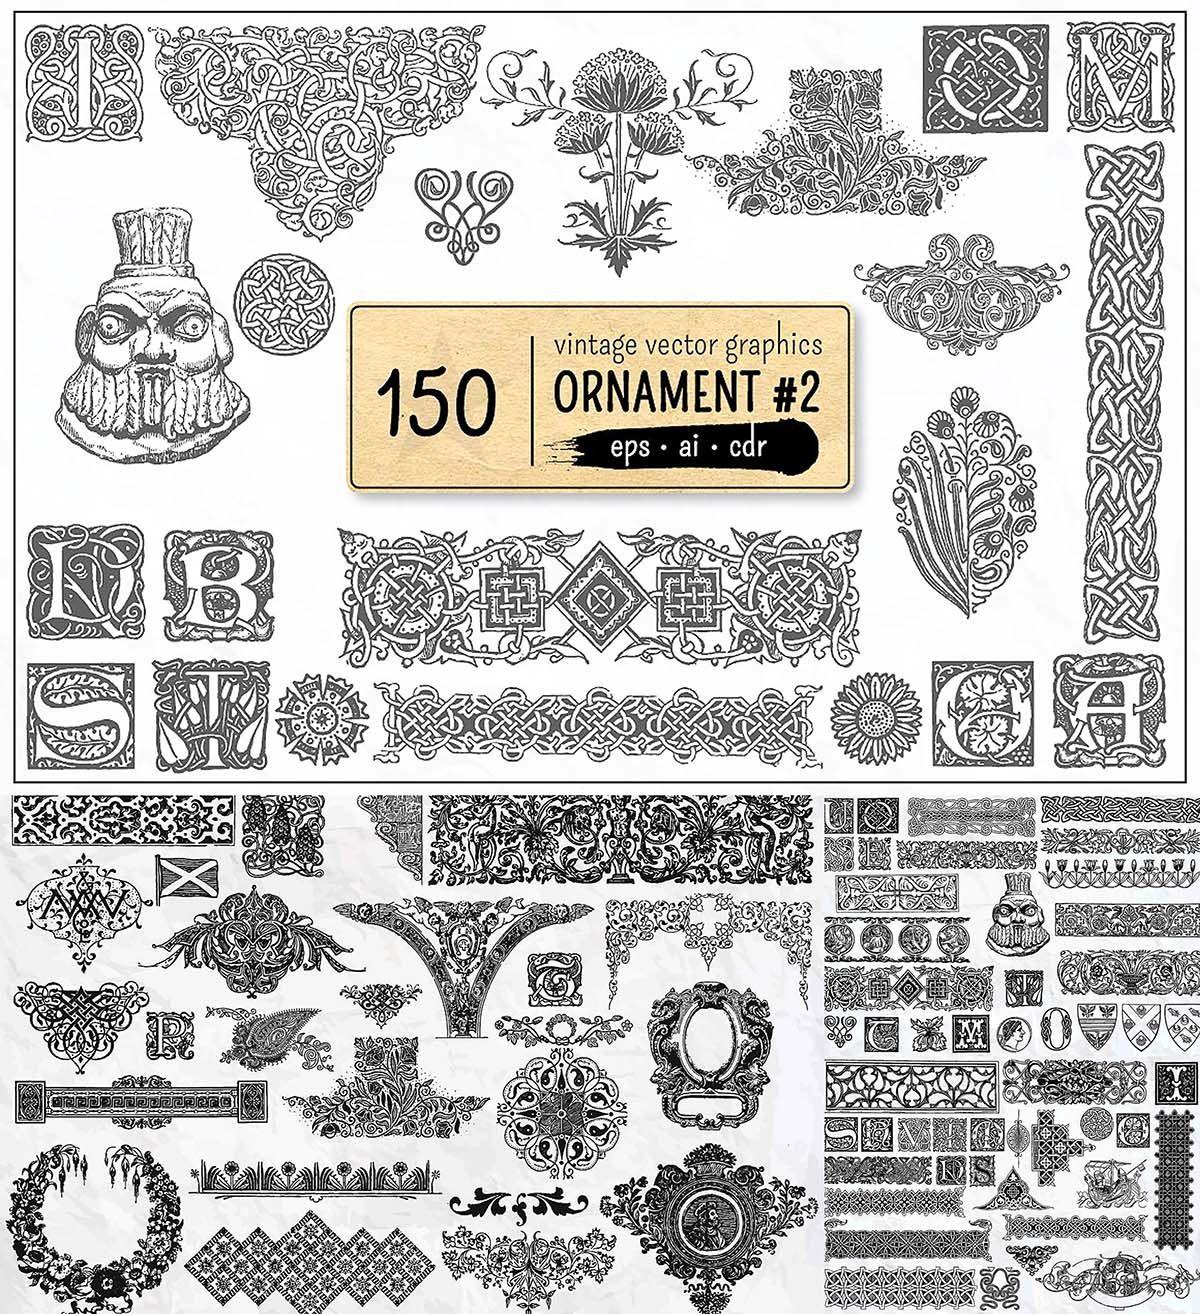 150 Vintage Vector Ornament Free Download Vector Vector Free Vintage